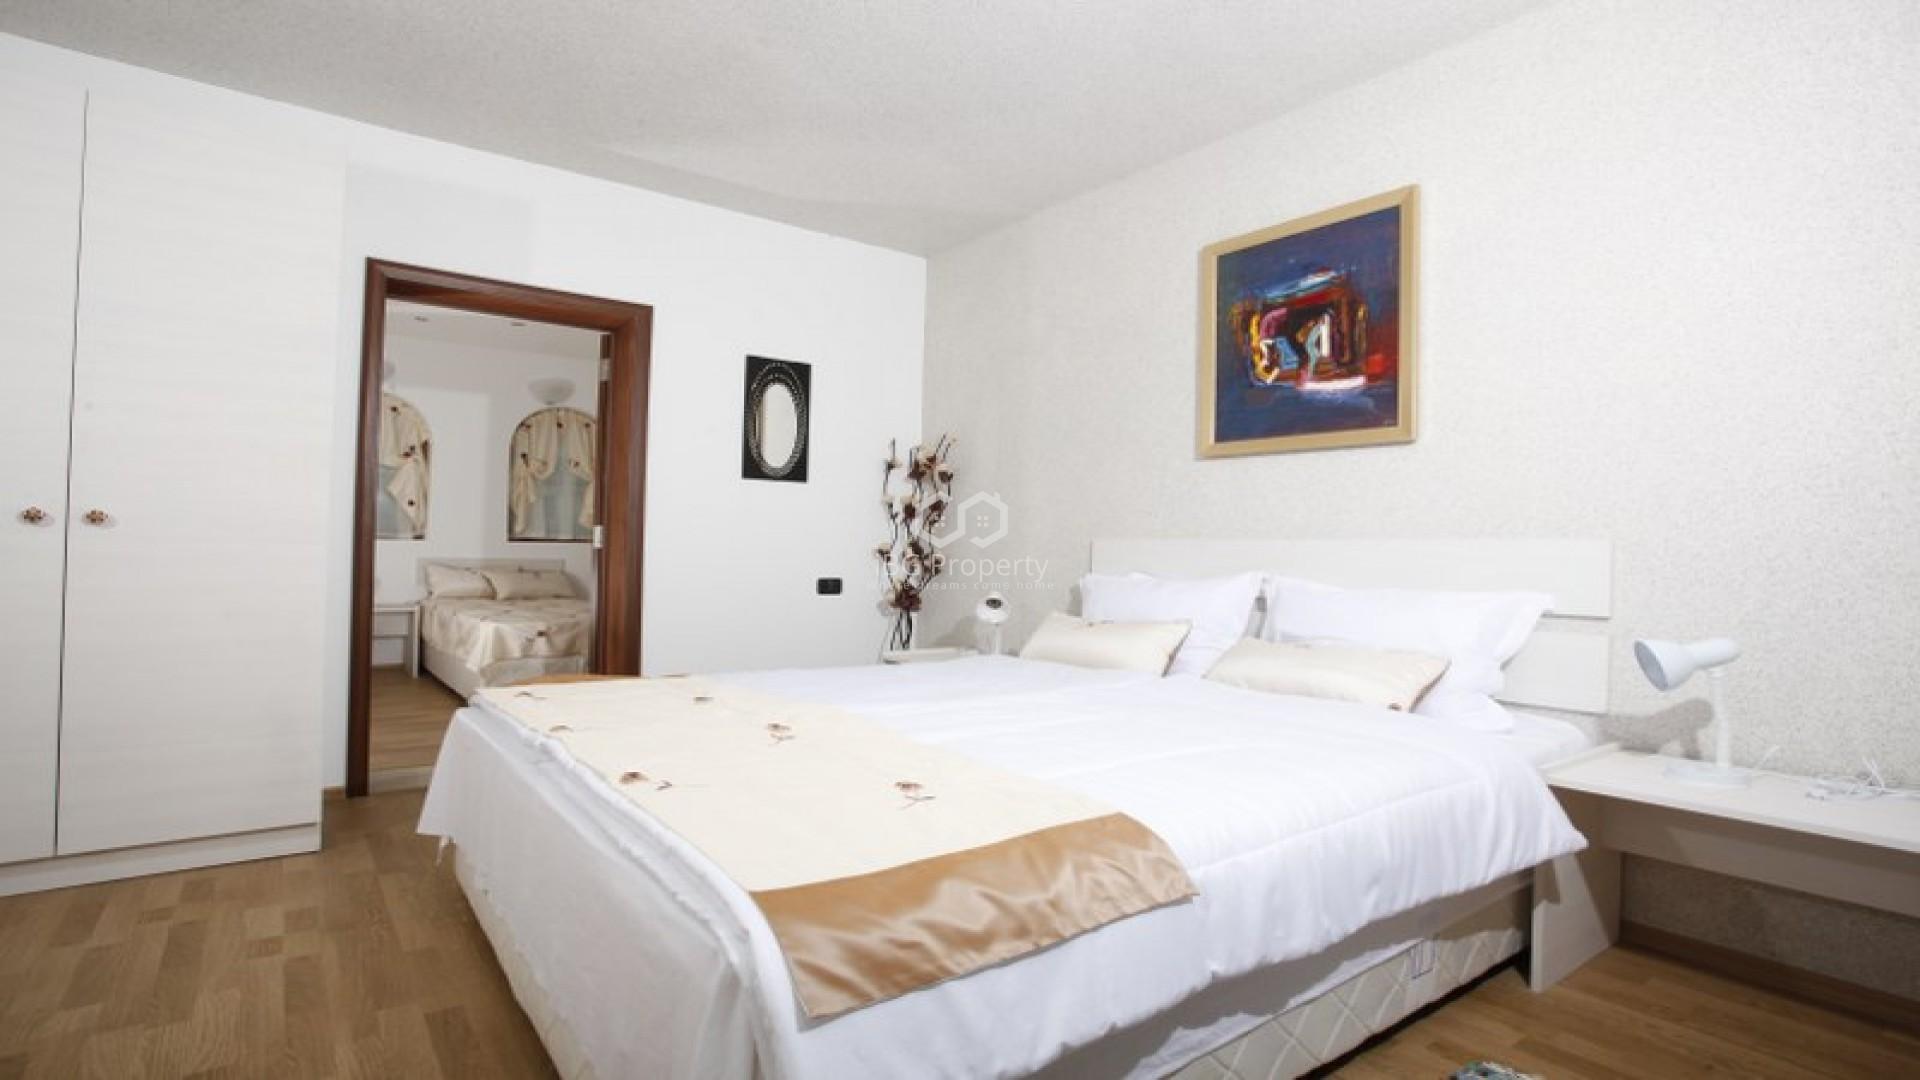 EXKLUSIVES ANGEBOT! Dreizimmerwohnung in Bjala 133 m2